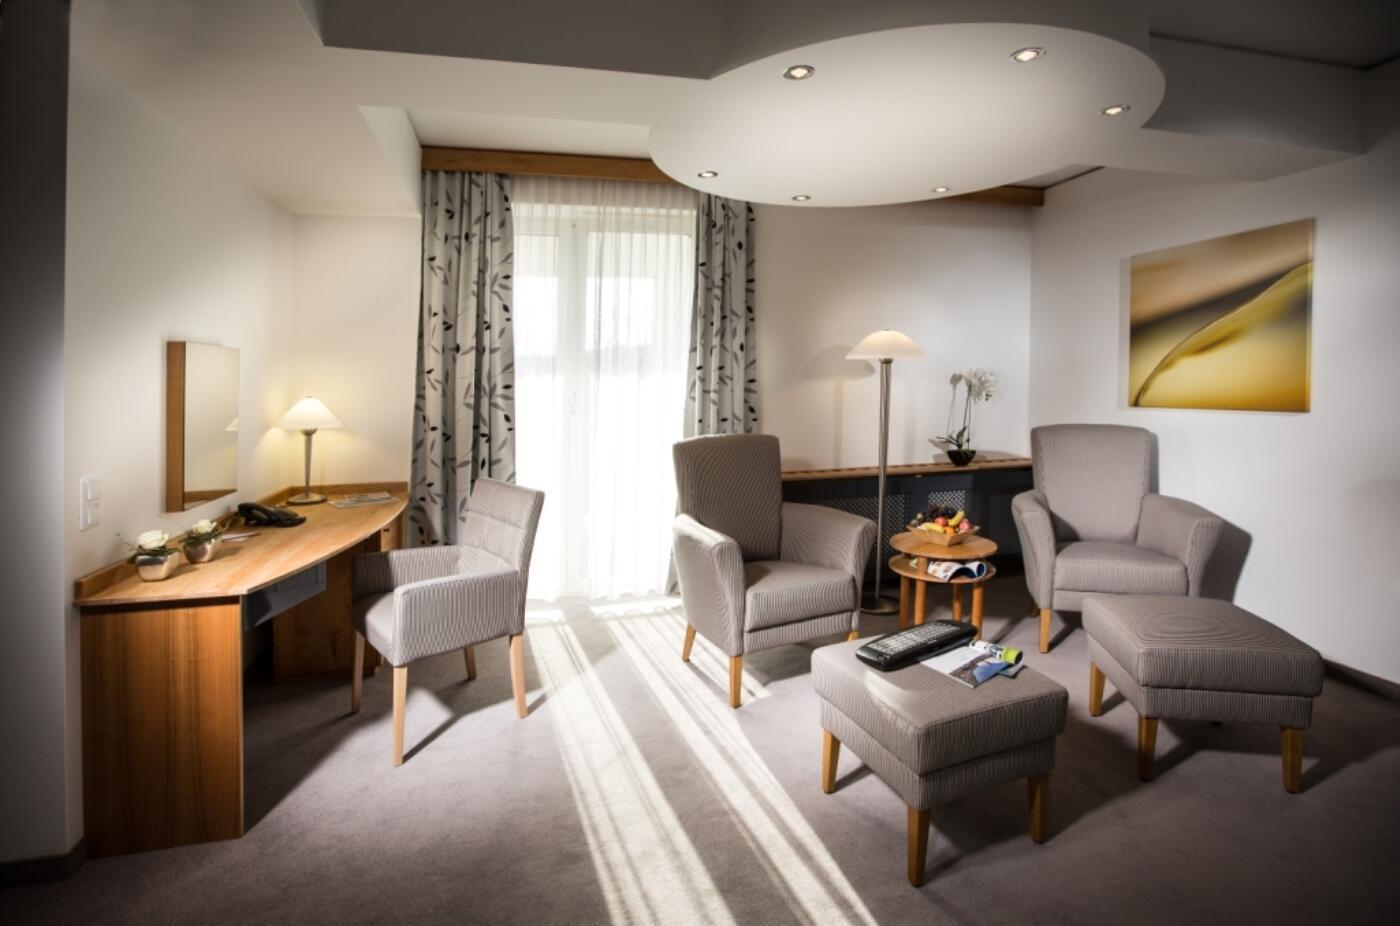 therme geinberg spa resort doppelzimmer prestige. Black Bedroom Furniture Sets. Home Design Ideas